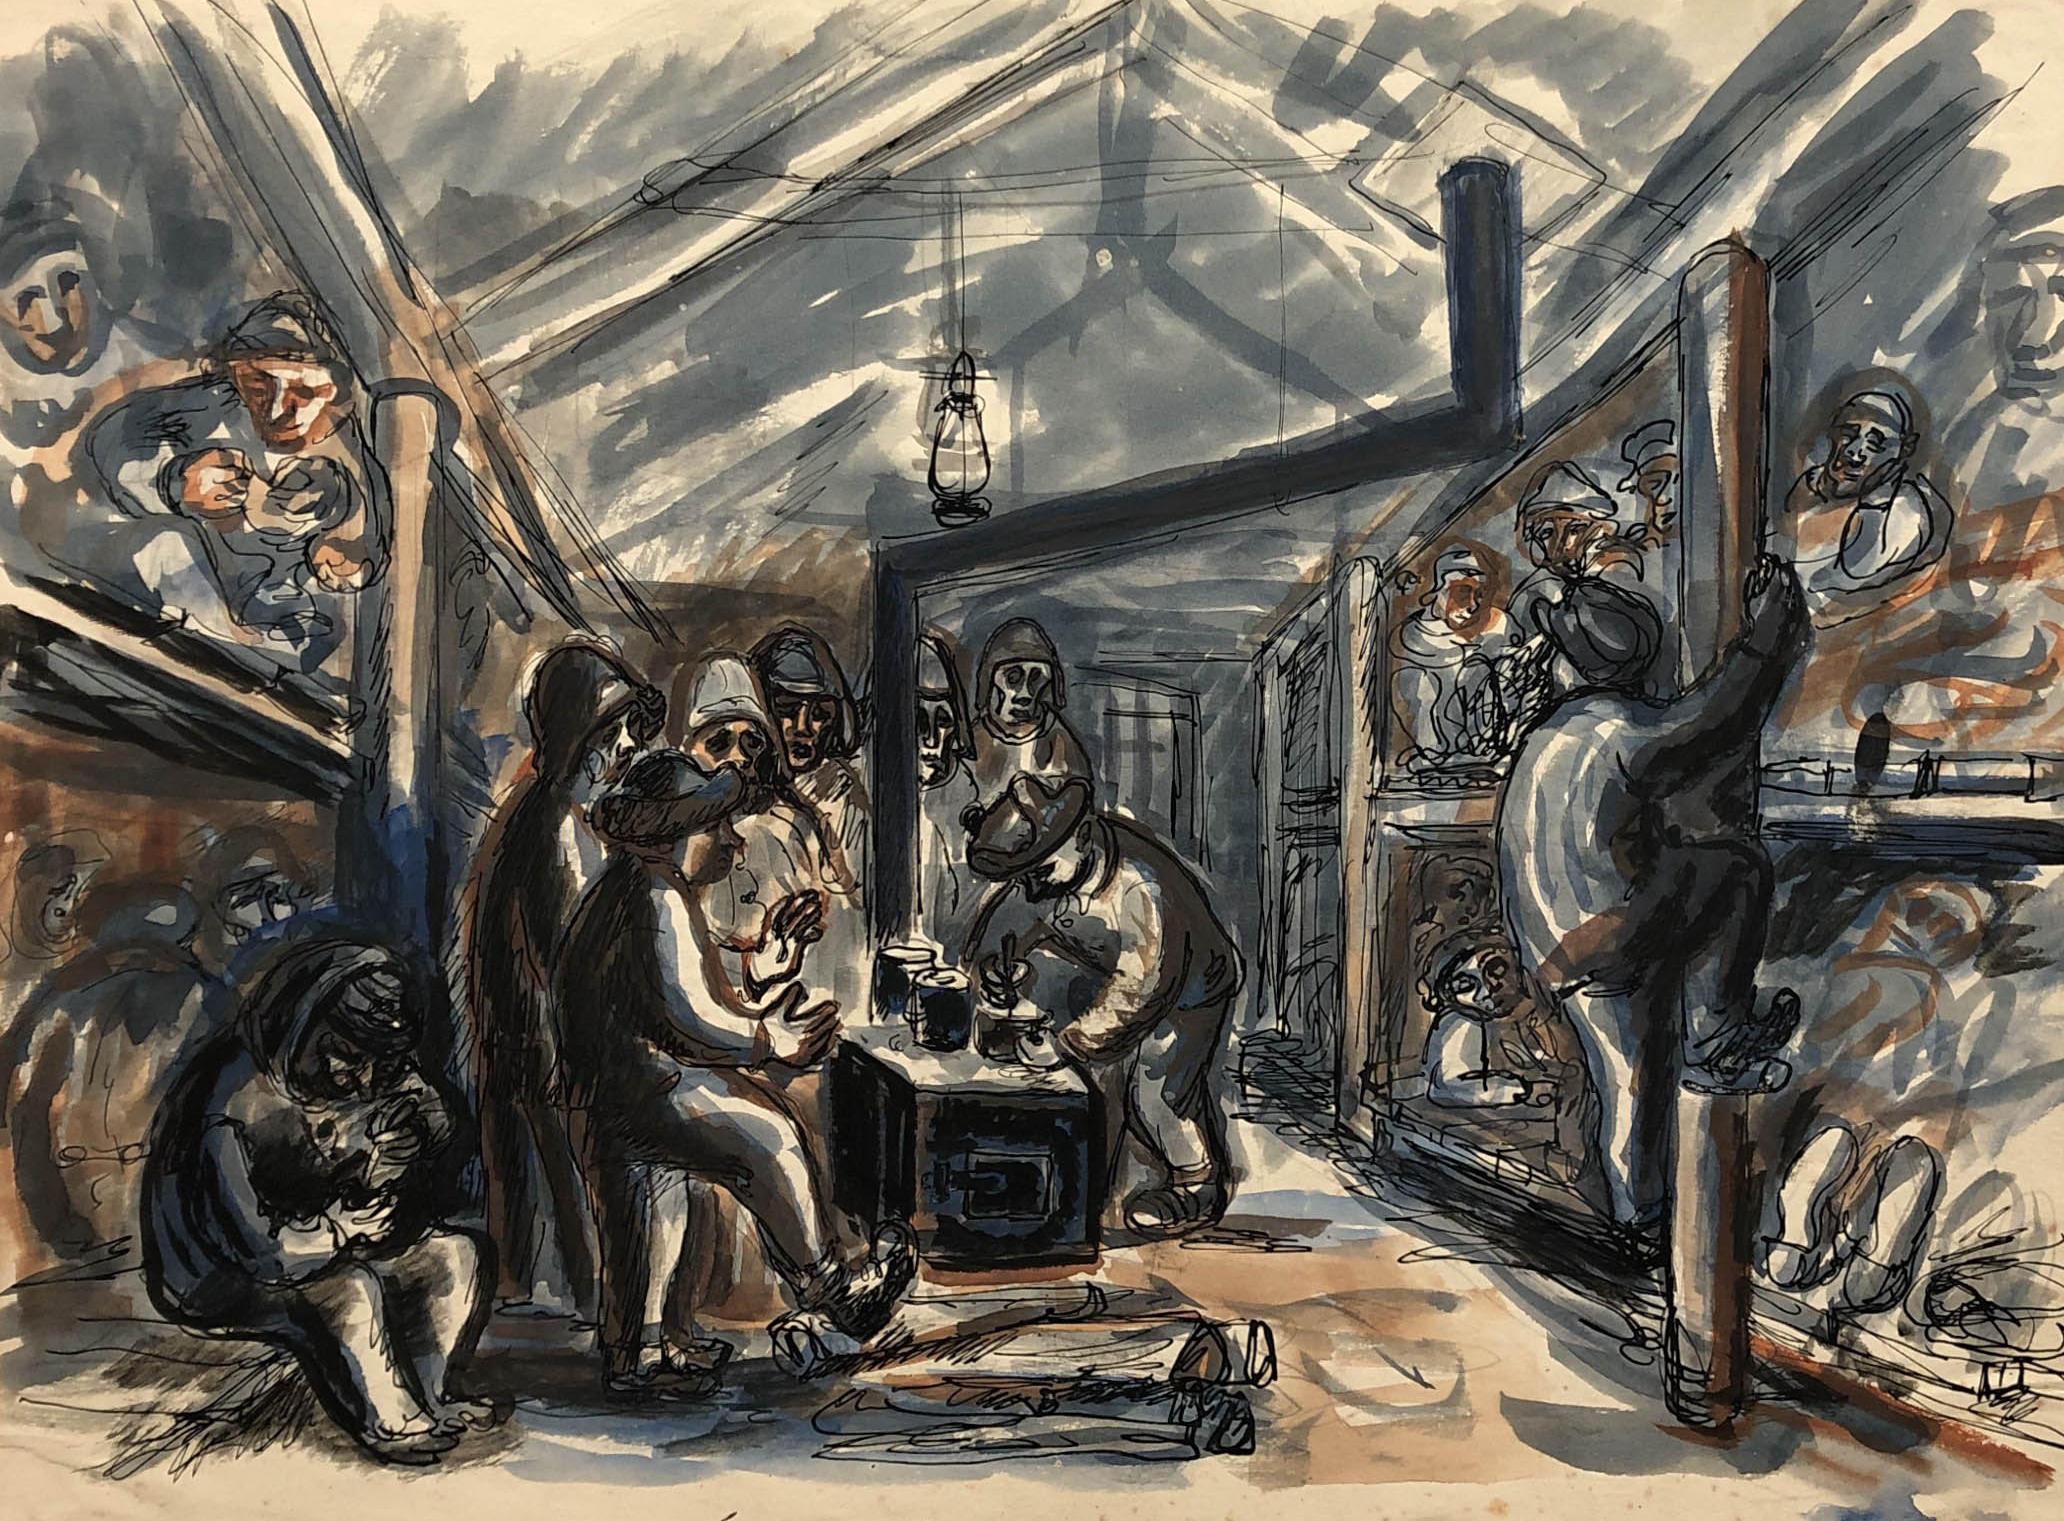 Praca przedstawiająca więźniów wbaraku włagrze wKożwie. Więźniowie leżą napryczach orazogrzewają się przy piecu. Adam Kossowski, rys. piórkiem, akwarela, praca stworzona wLondynie w1943 roku.